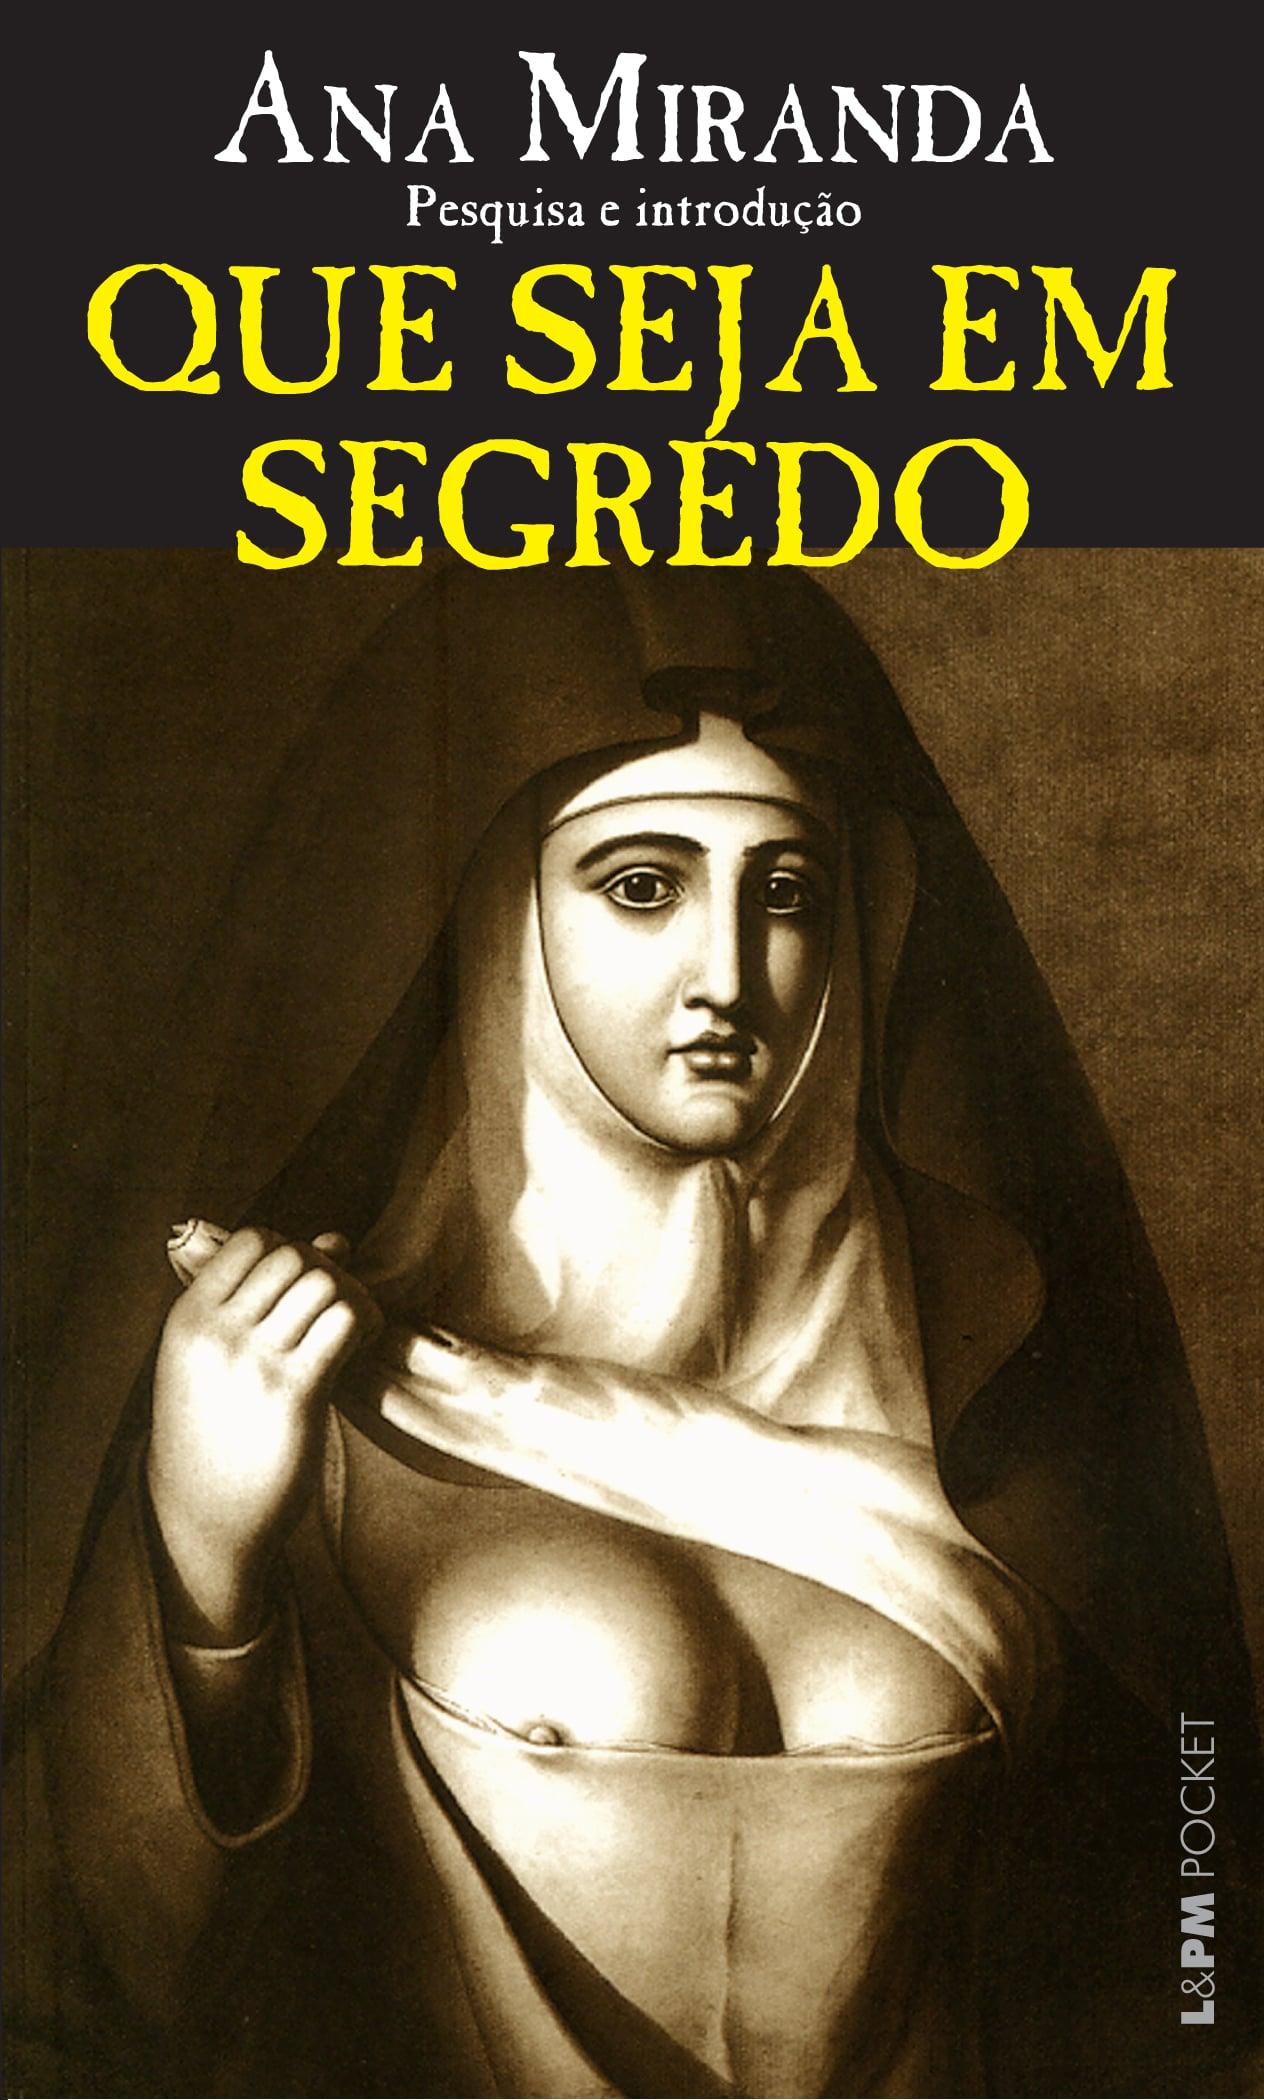 poemas eróticos escritos por e para freiras